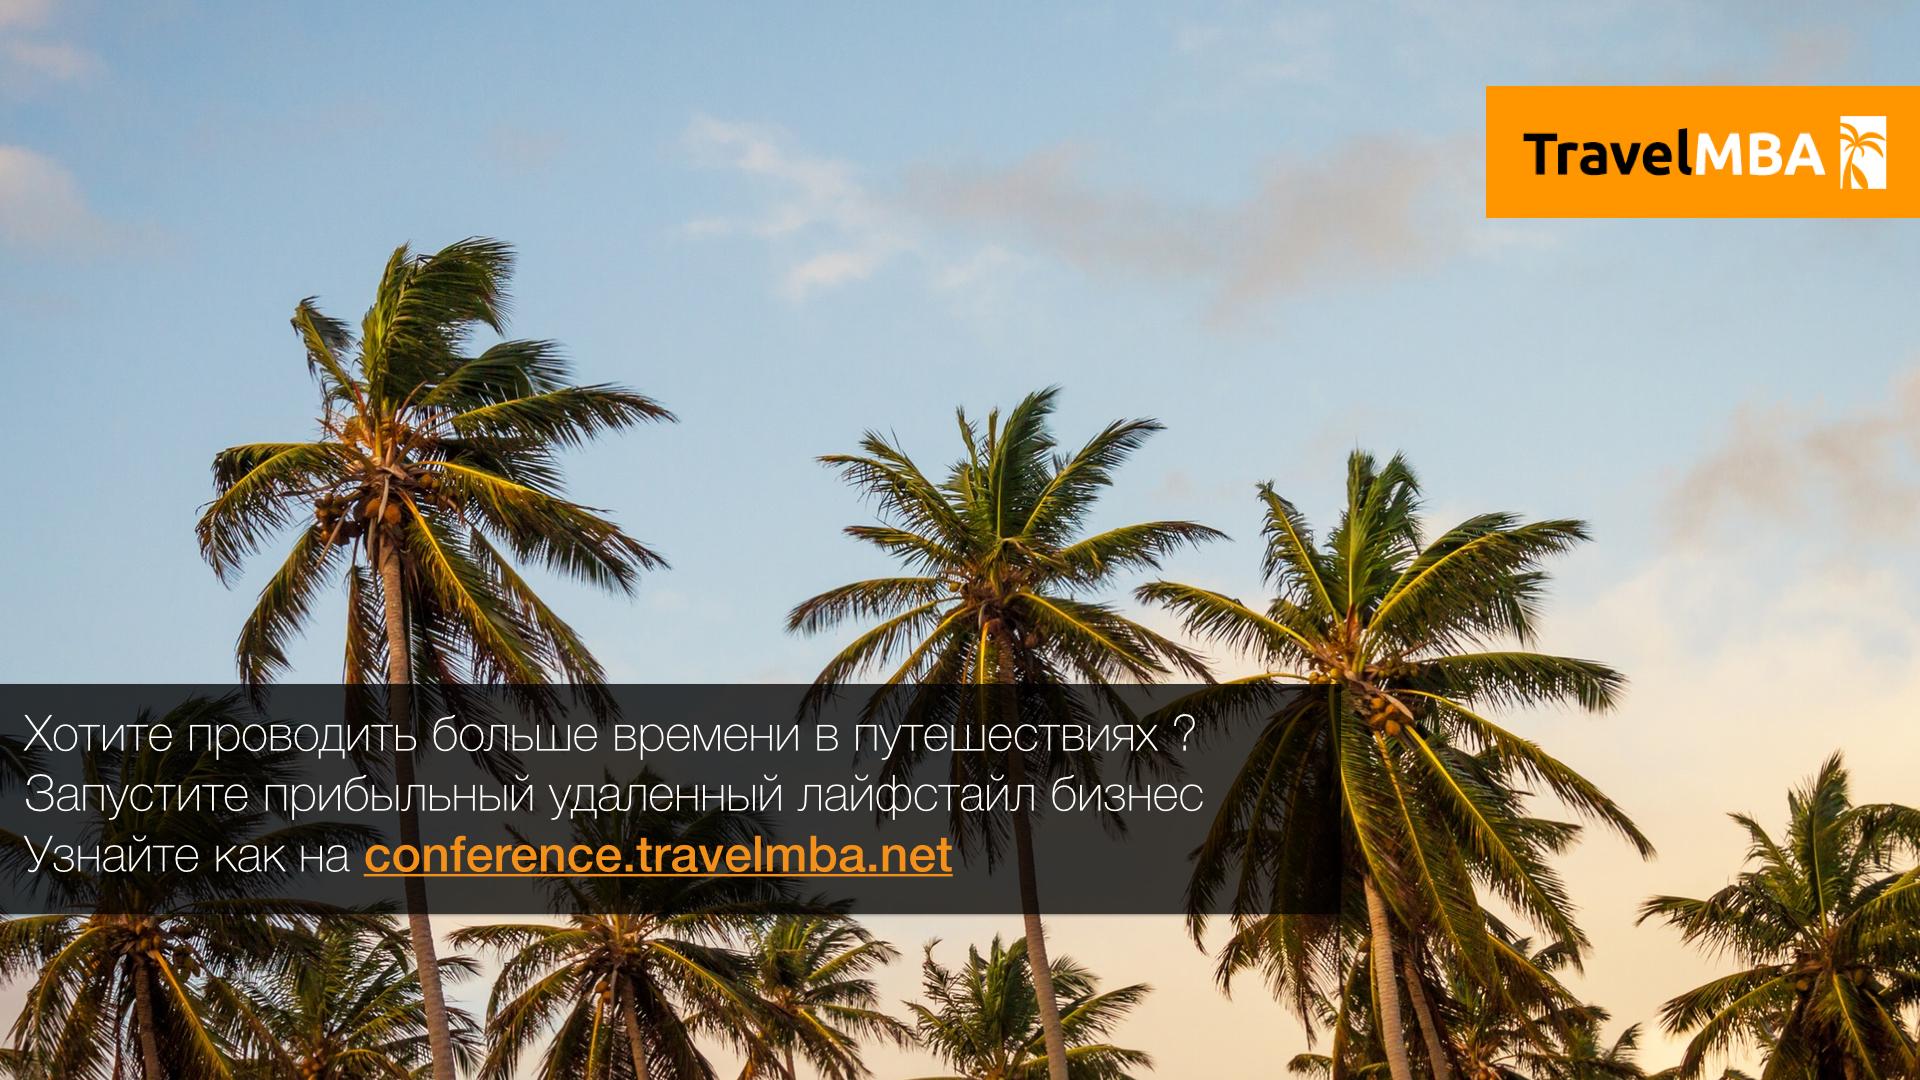 Вопросы для участника онлайн конференции Travel MBA